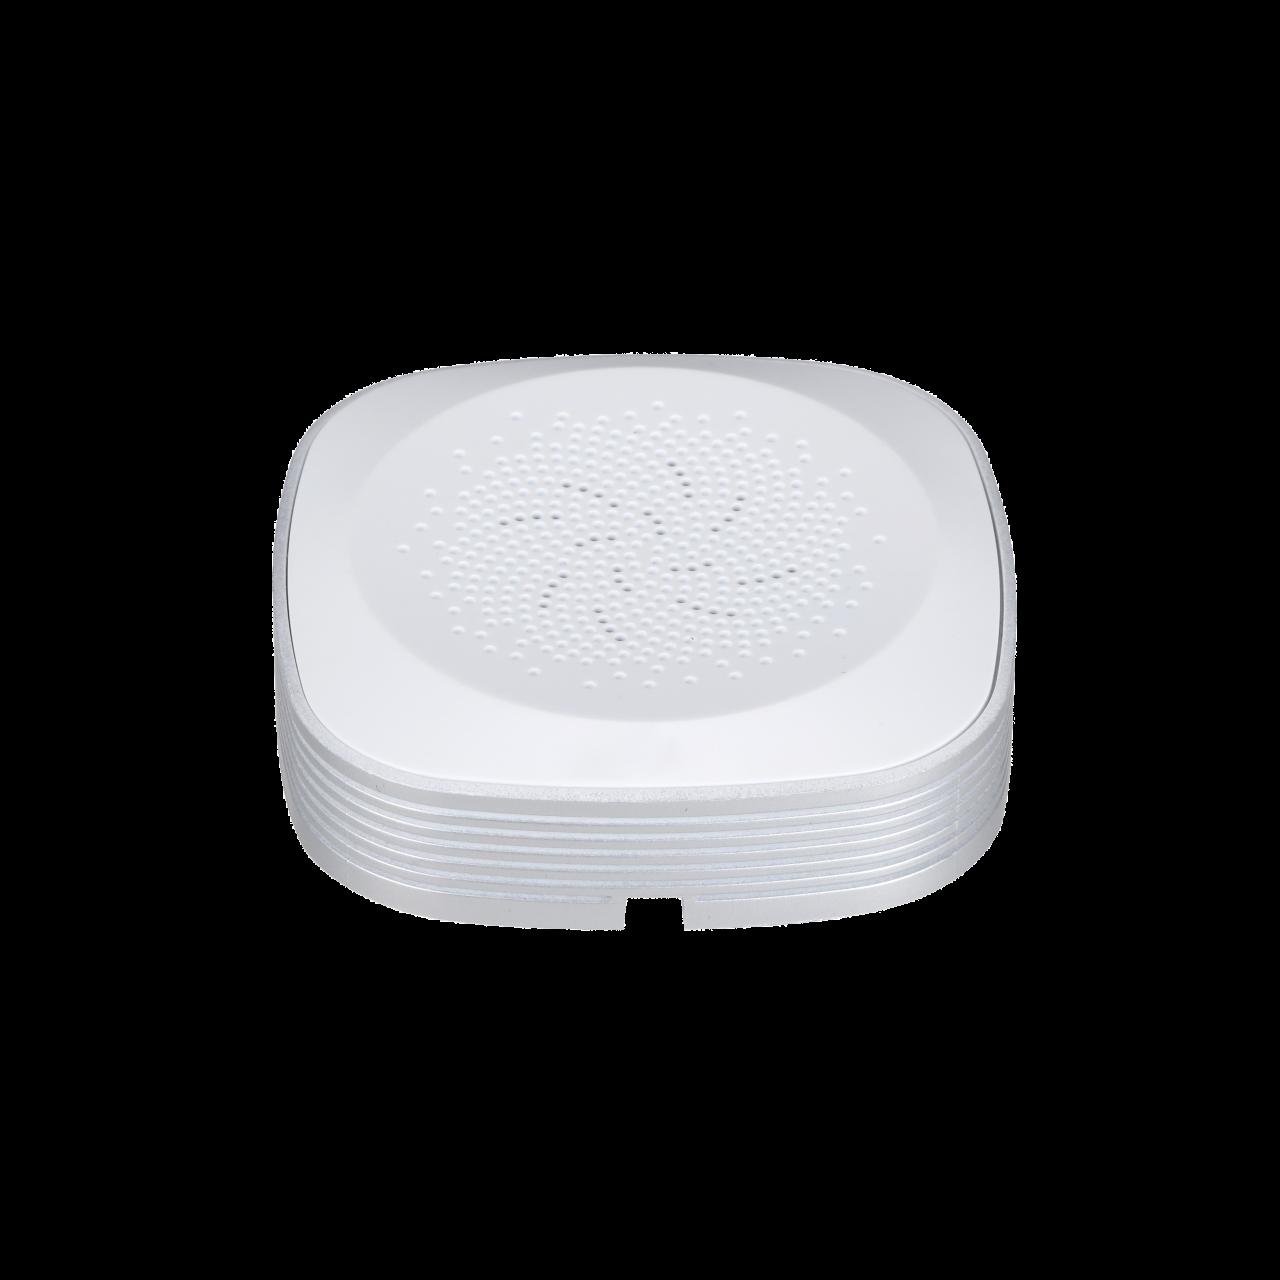 TURM Mikrofon für Videoüberwachungssysteme mit Flächenweite von 5-100 qm